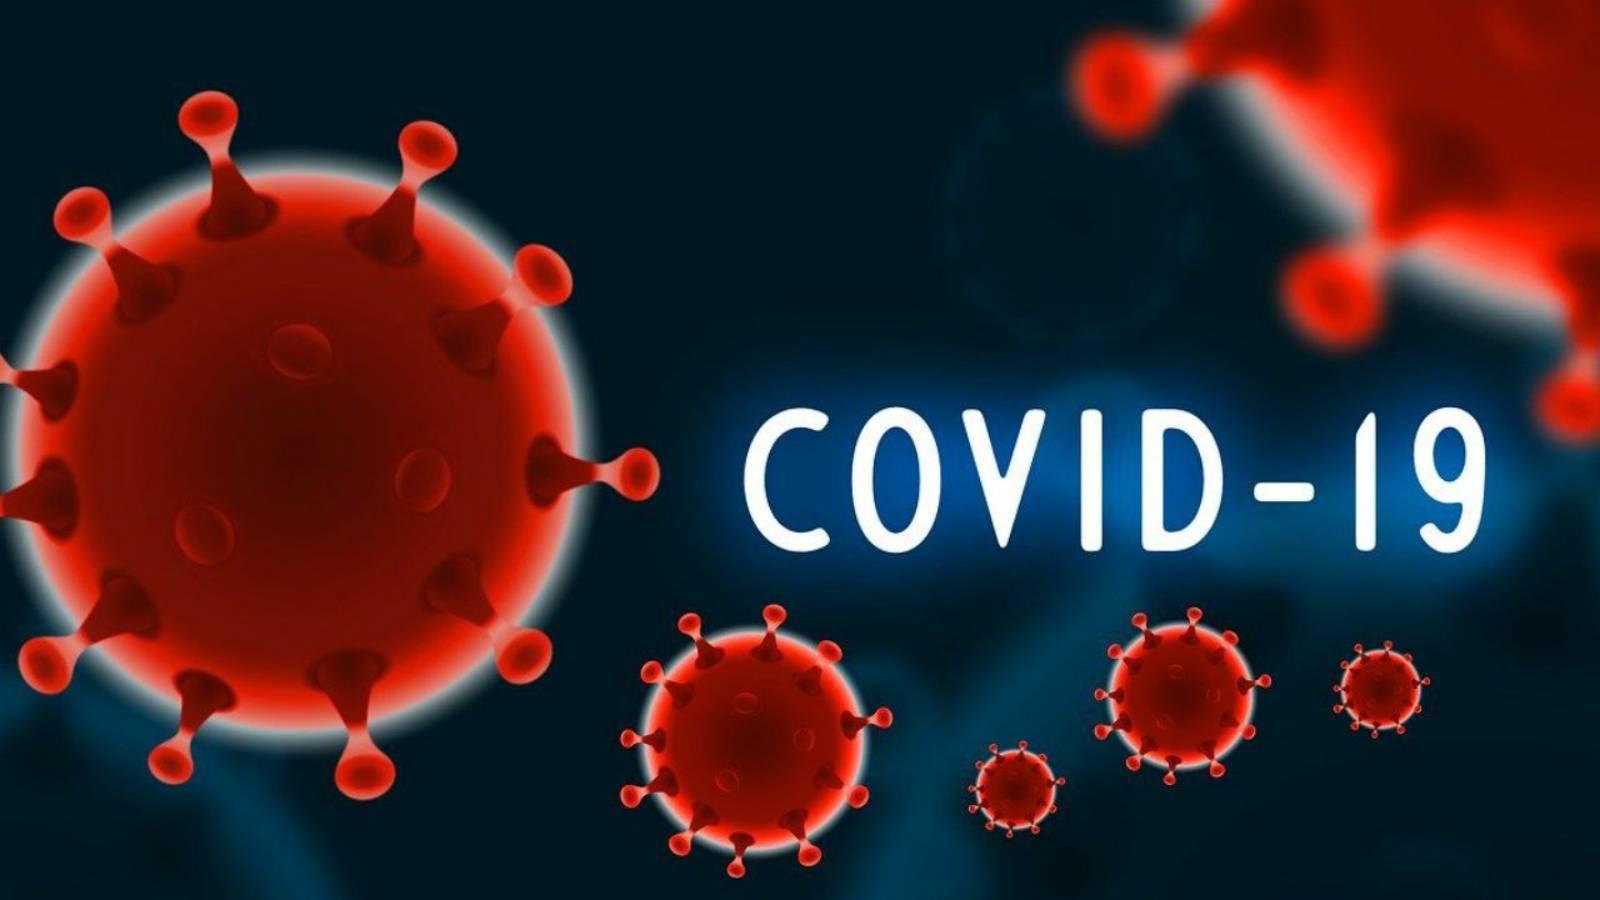 8 angajați ai unei firme care este unul dintre cei mai mari producatori de elemente prefabricate din beton, au fost confirmați cu COVID-19